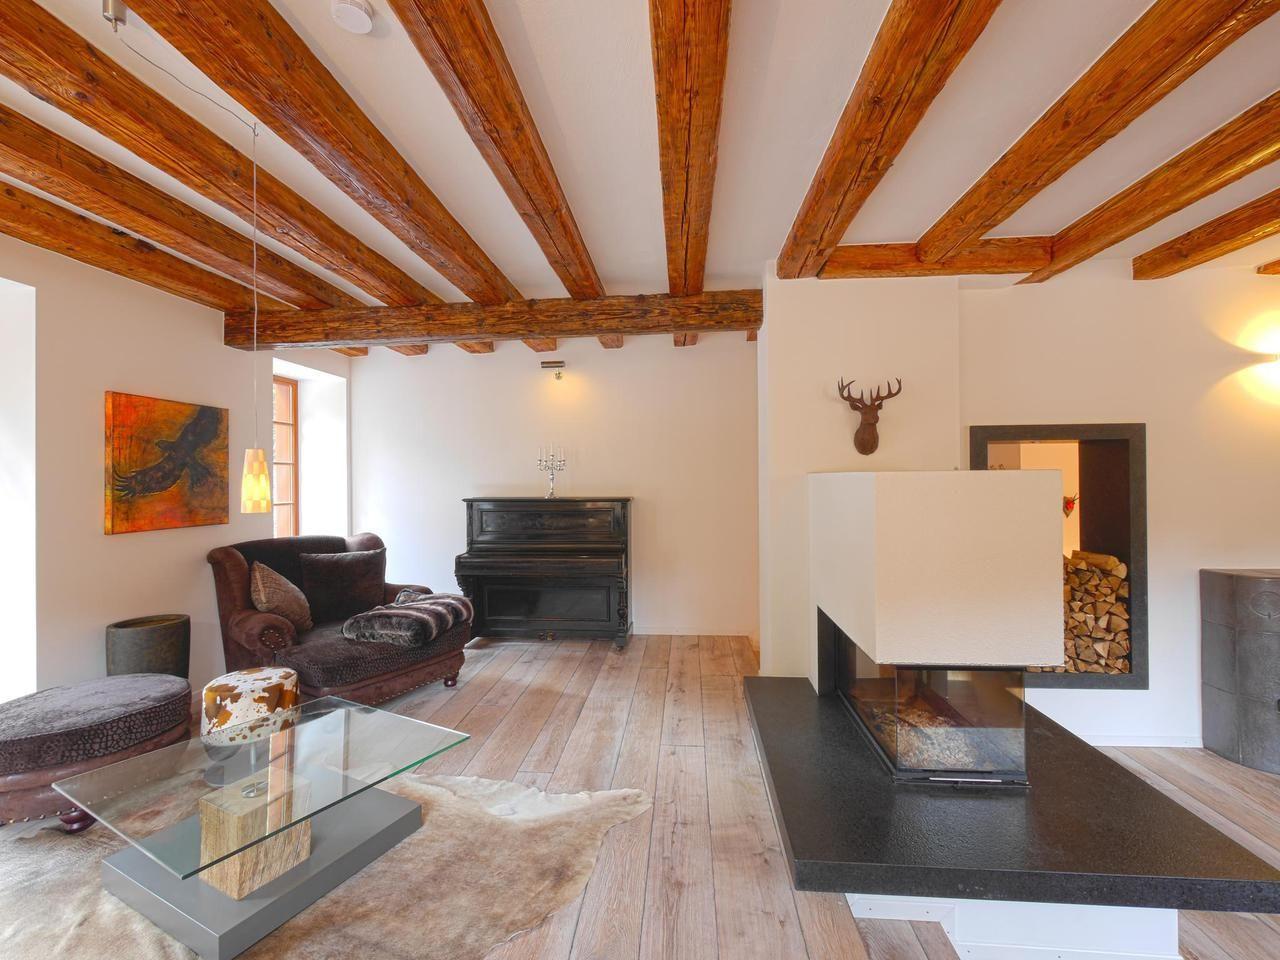 Ein gemütliches Wohnzimmer mit einem modernen Kamin und schönen